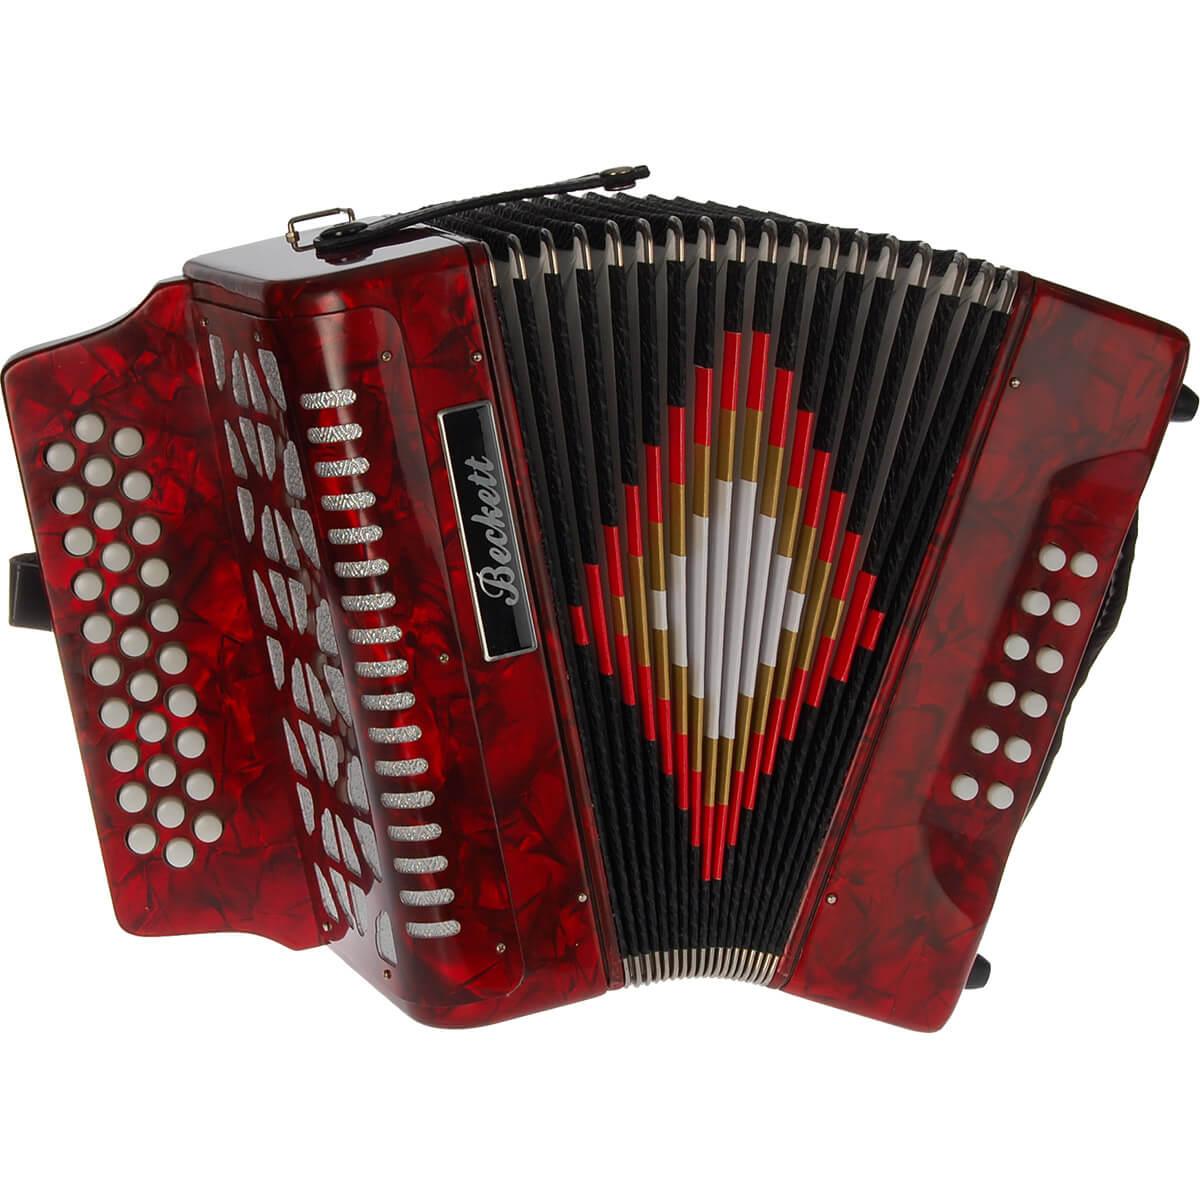 Beckett JH3112 knap-harmonika rød